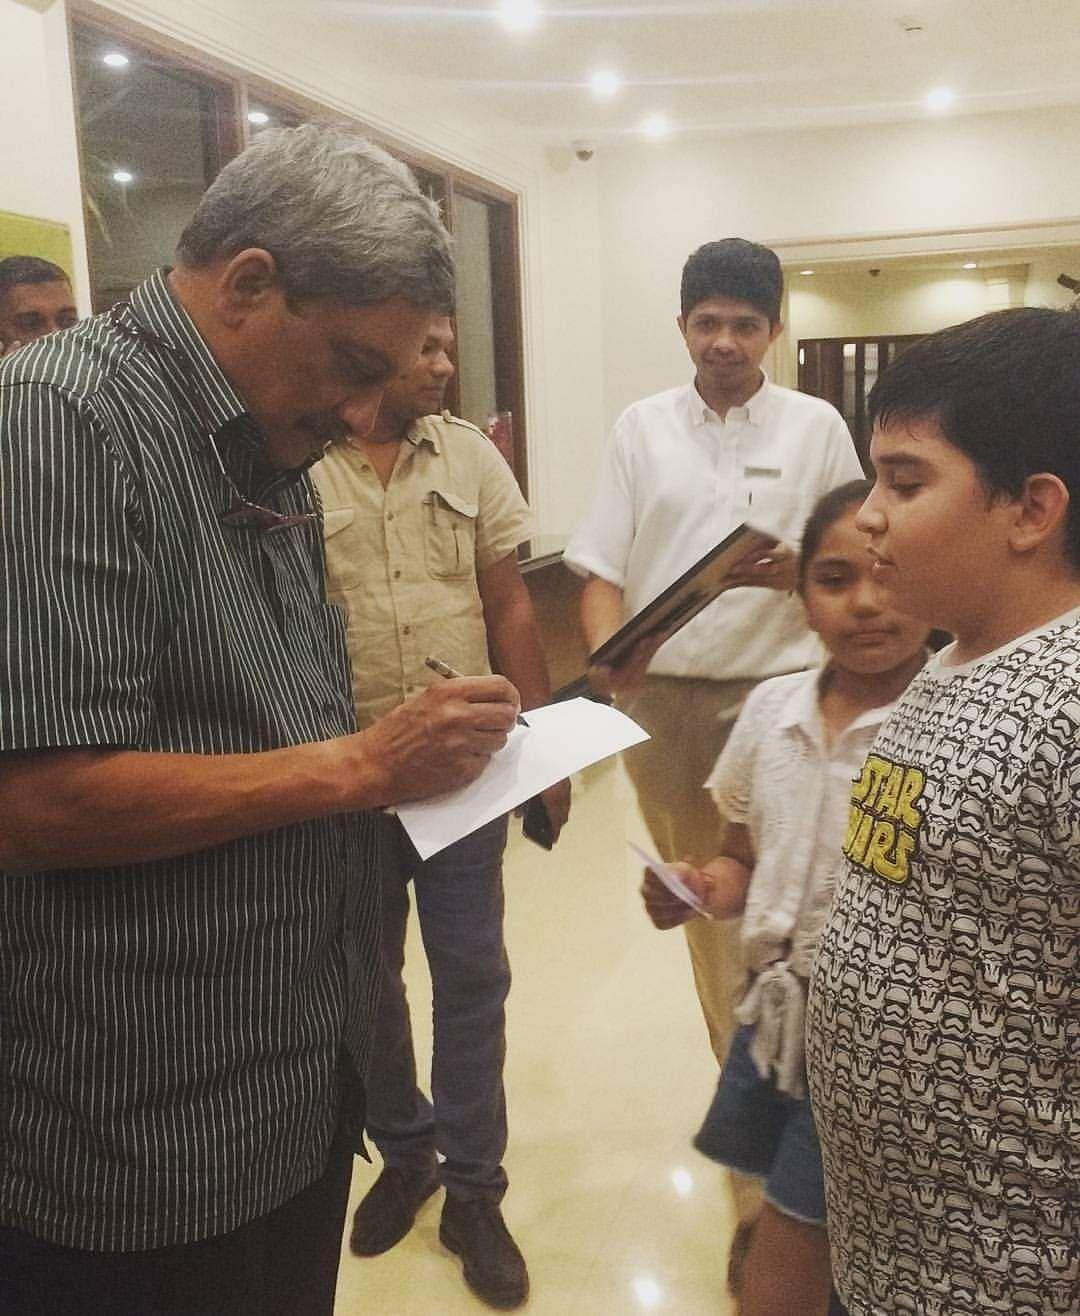 Manohar Parrikar signs an autograph for a kid.